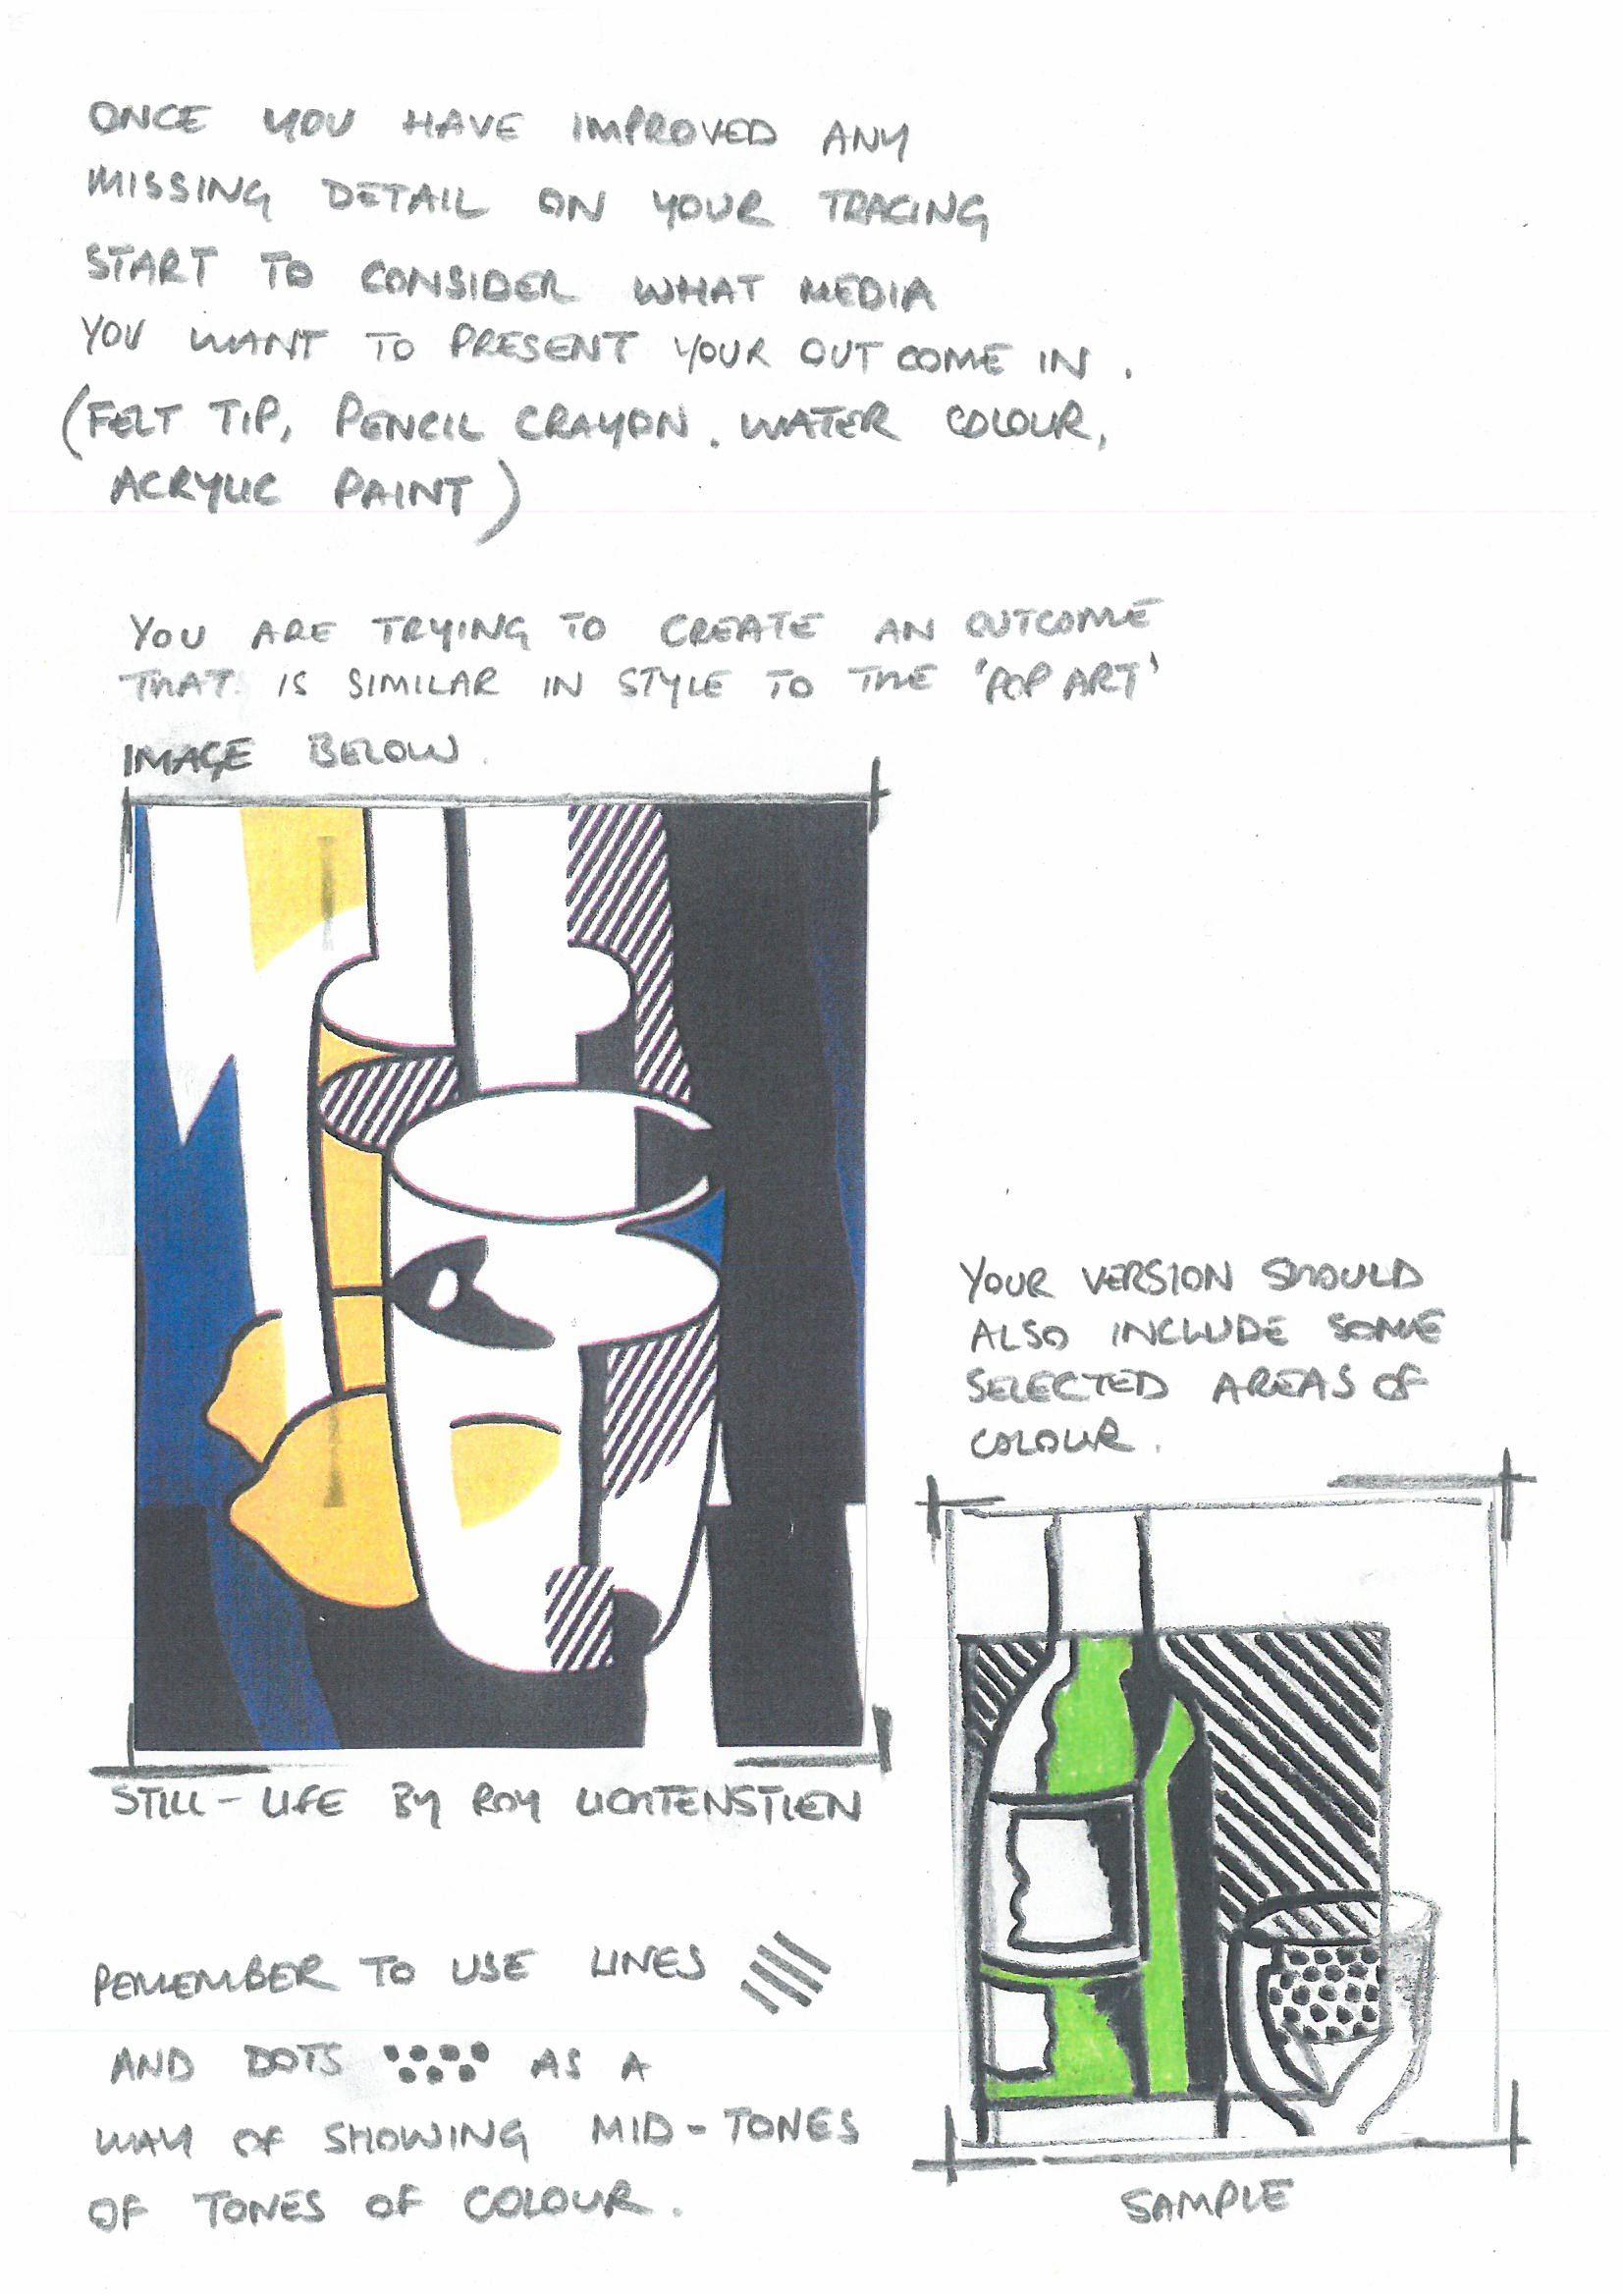 Pop Art Style Help Sheet 2 In